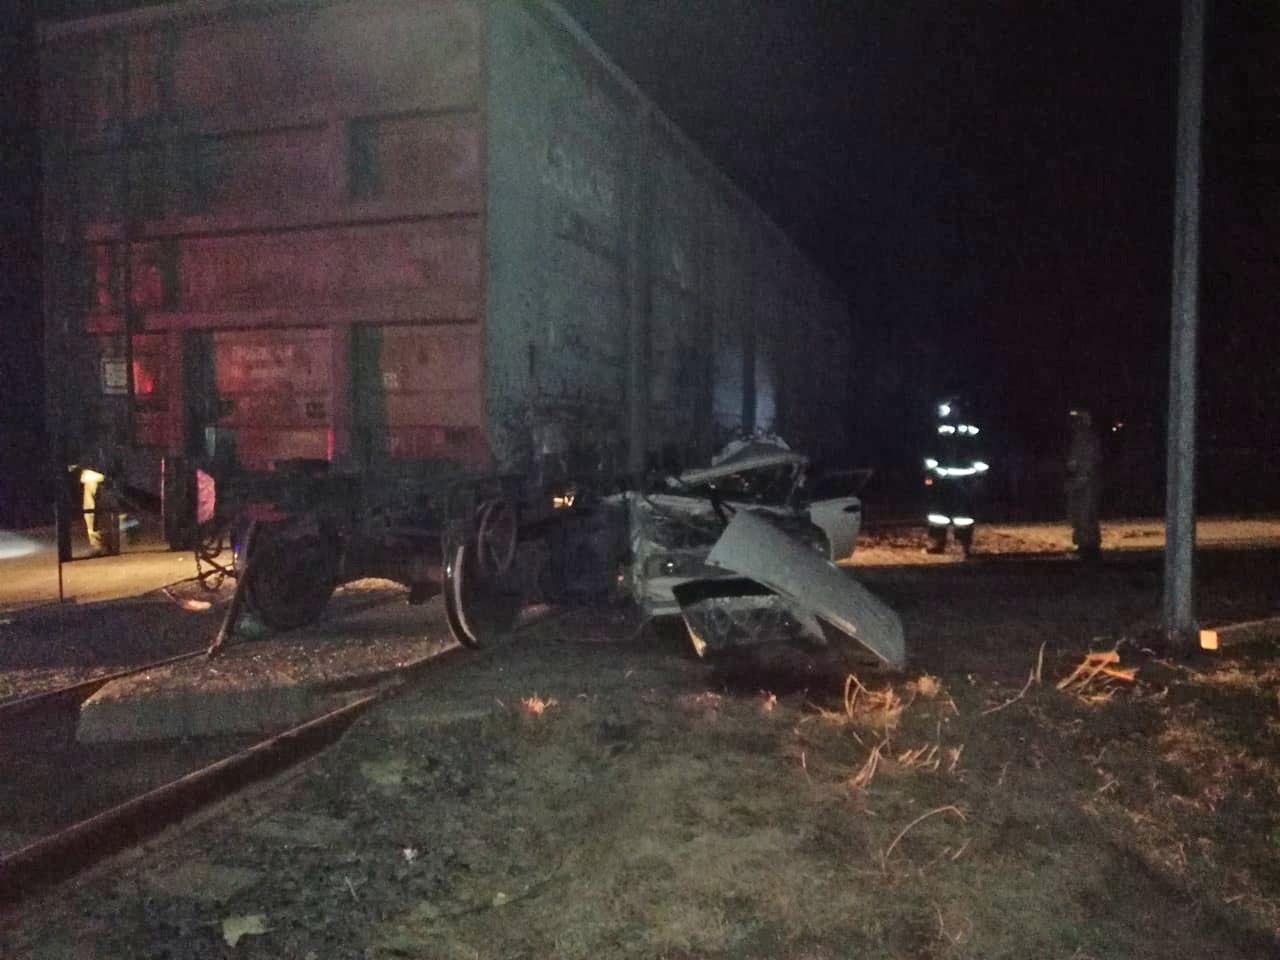 фото Смертельное ДТП: под Новосибирском легковушка влетела в товарный вагон 3